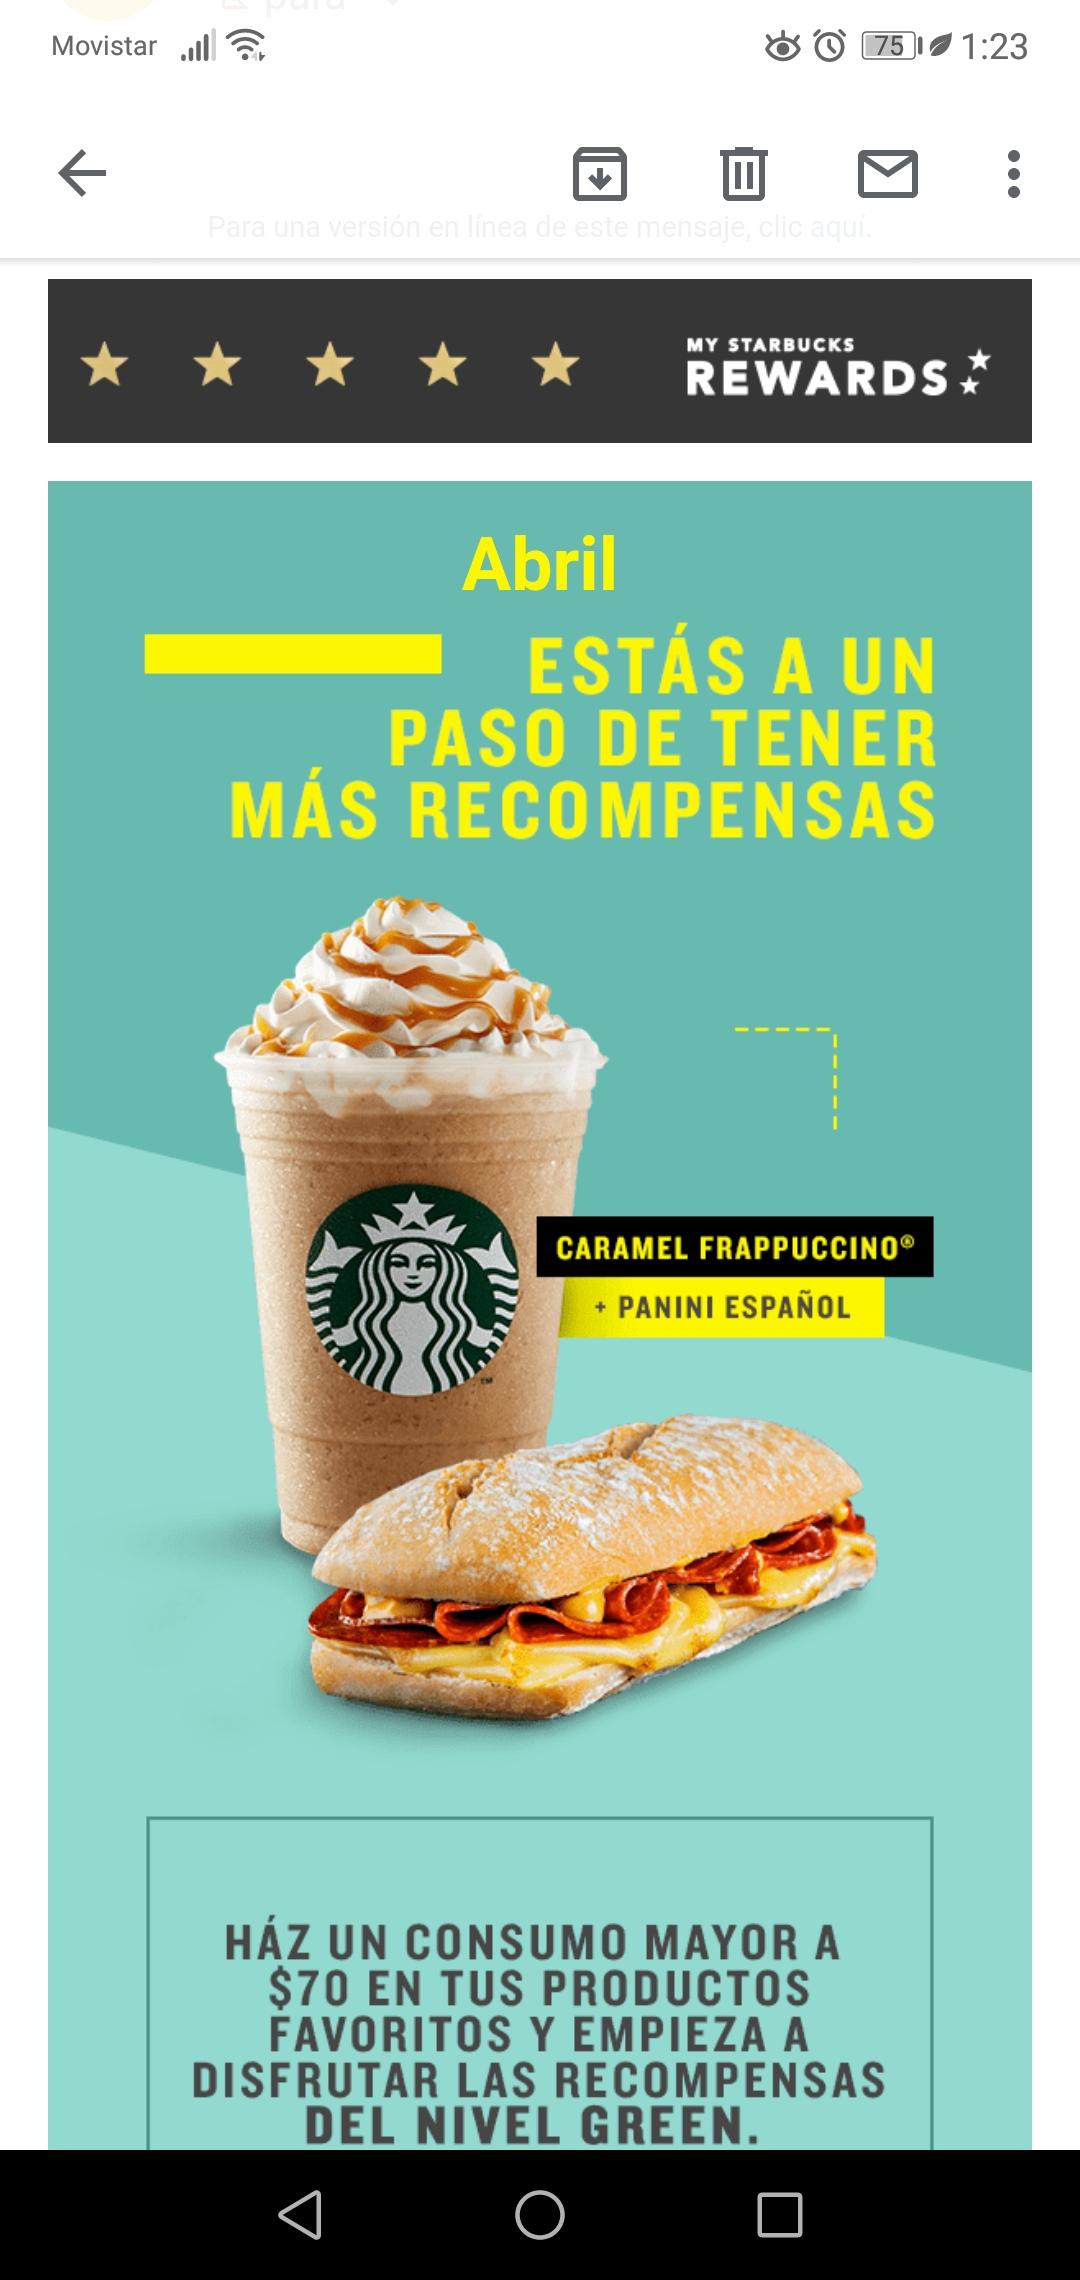 Starbucks card: sube a nivel green con compra mayor a $70